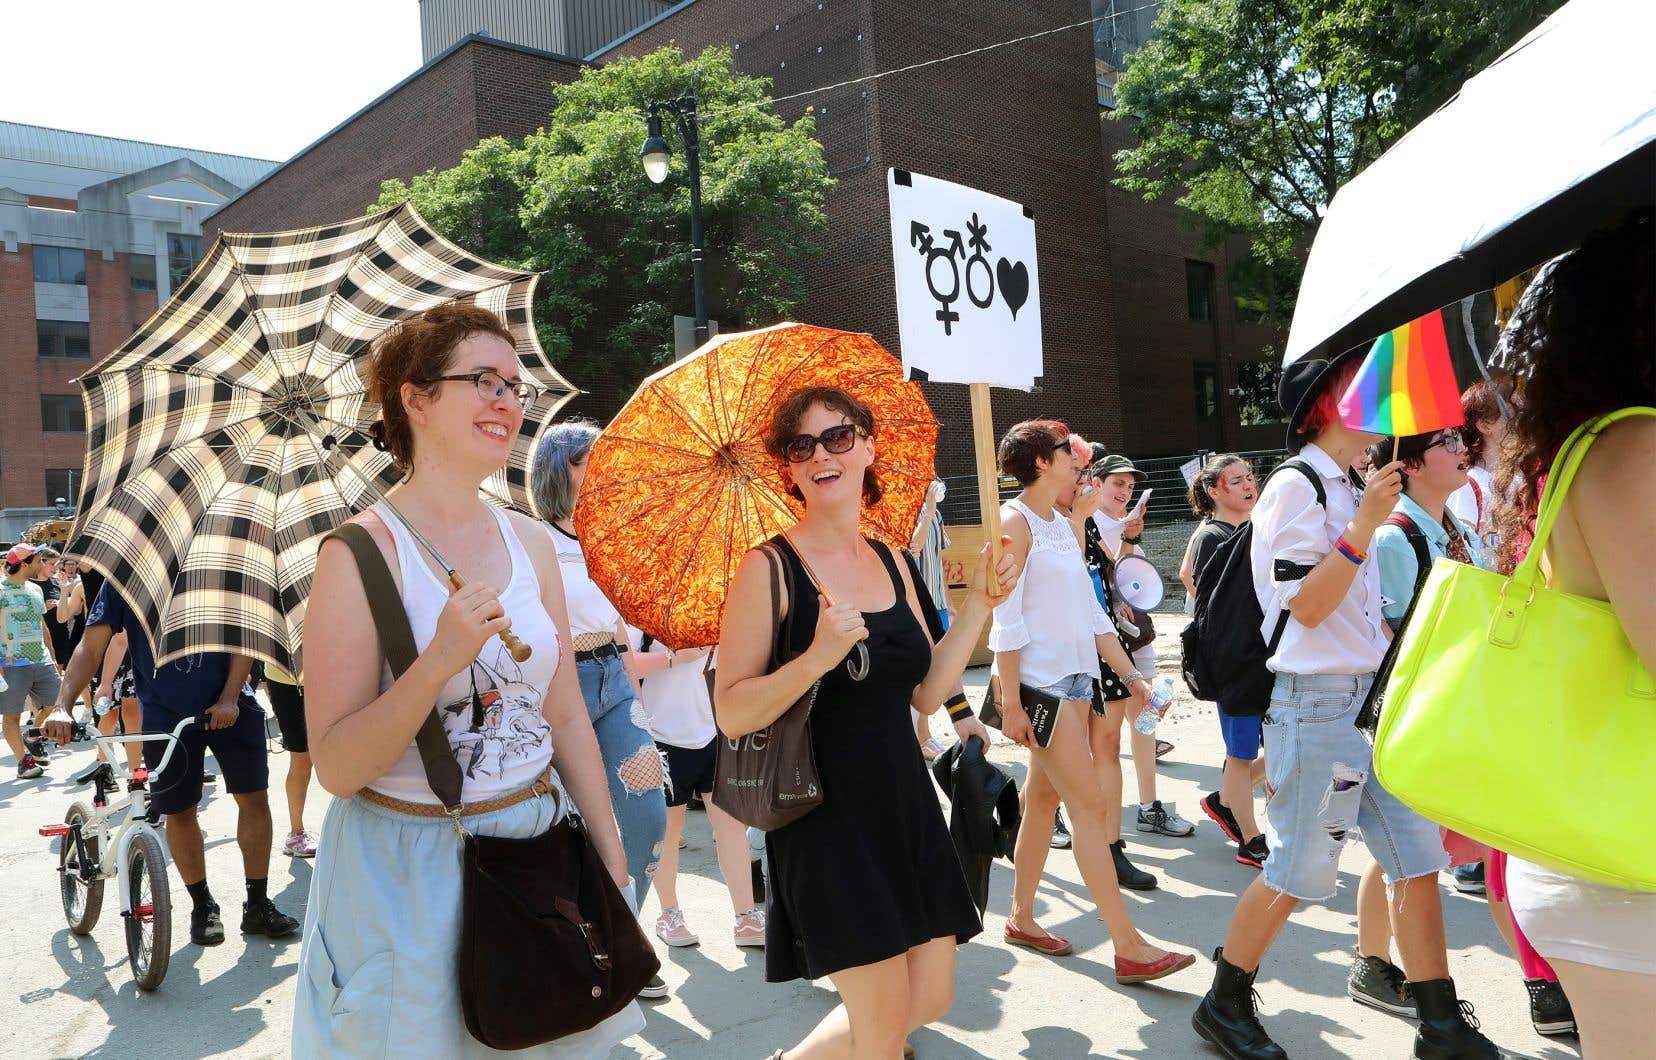 Les enjeux trans sont fréquemment discutés dans les médias et, au Québec, les opinions formulées sur le sujet semblent fortement favoriser le négatif», écrit l'auteure.